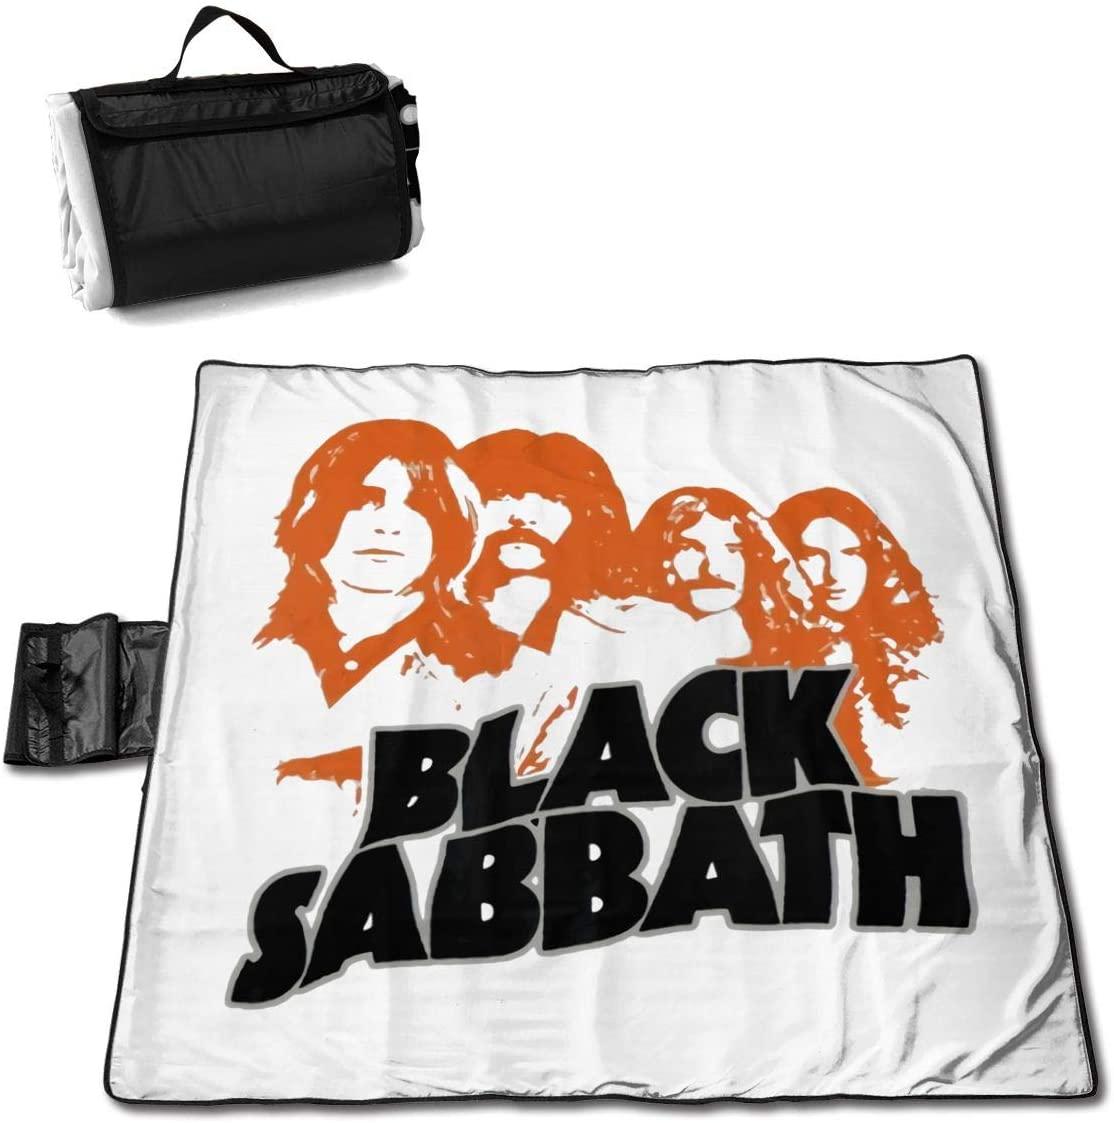 Htu Black=Sab-Bath Portable Printed Picnic Blanket Waterproof 59x57(in)